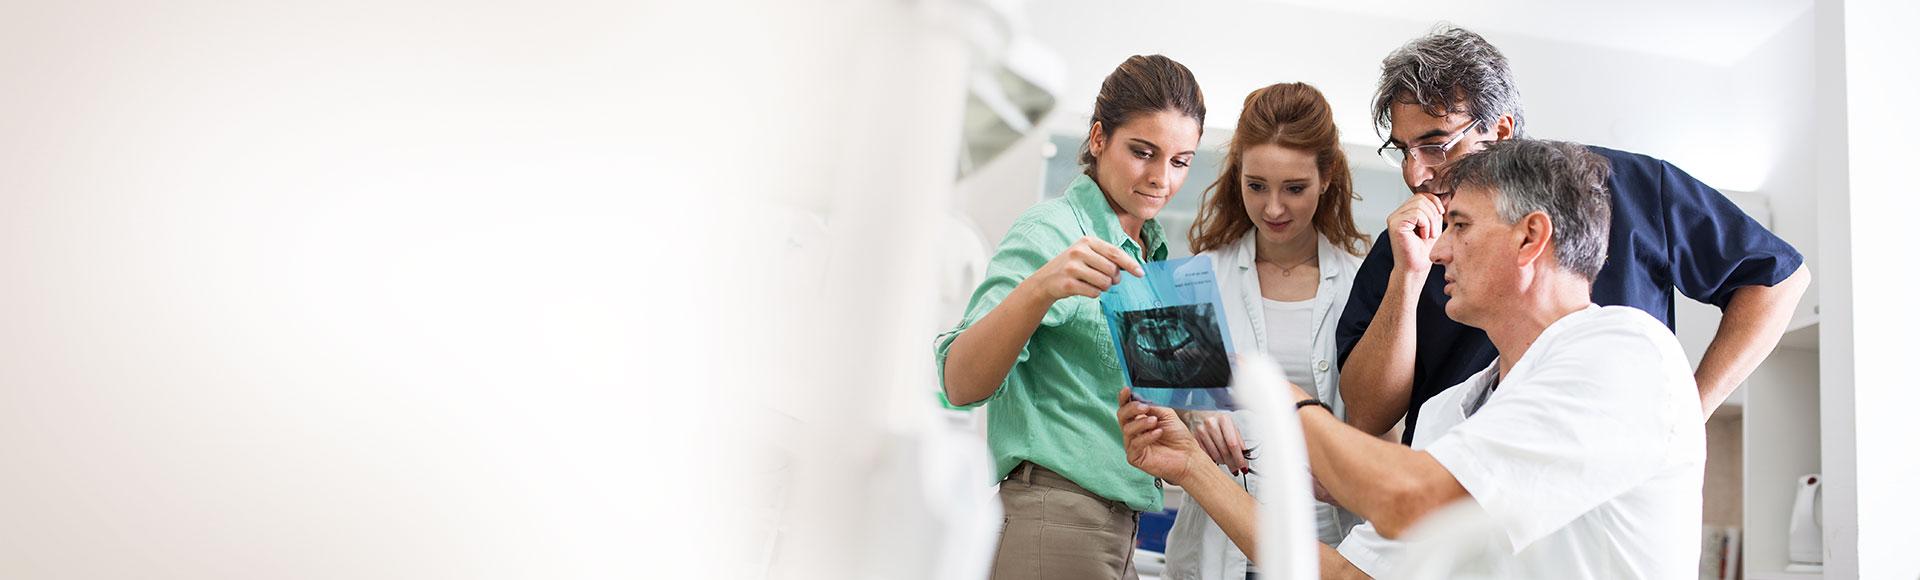 Stellenangebote Garrel Jobs Zahnmedizinische Fachangestellte PZR Prophylaxe Weiterbildung